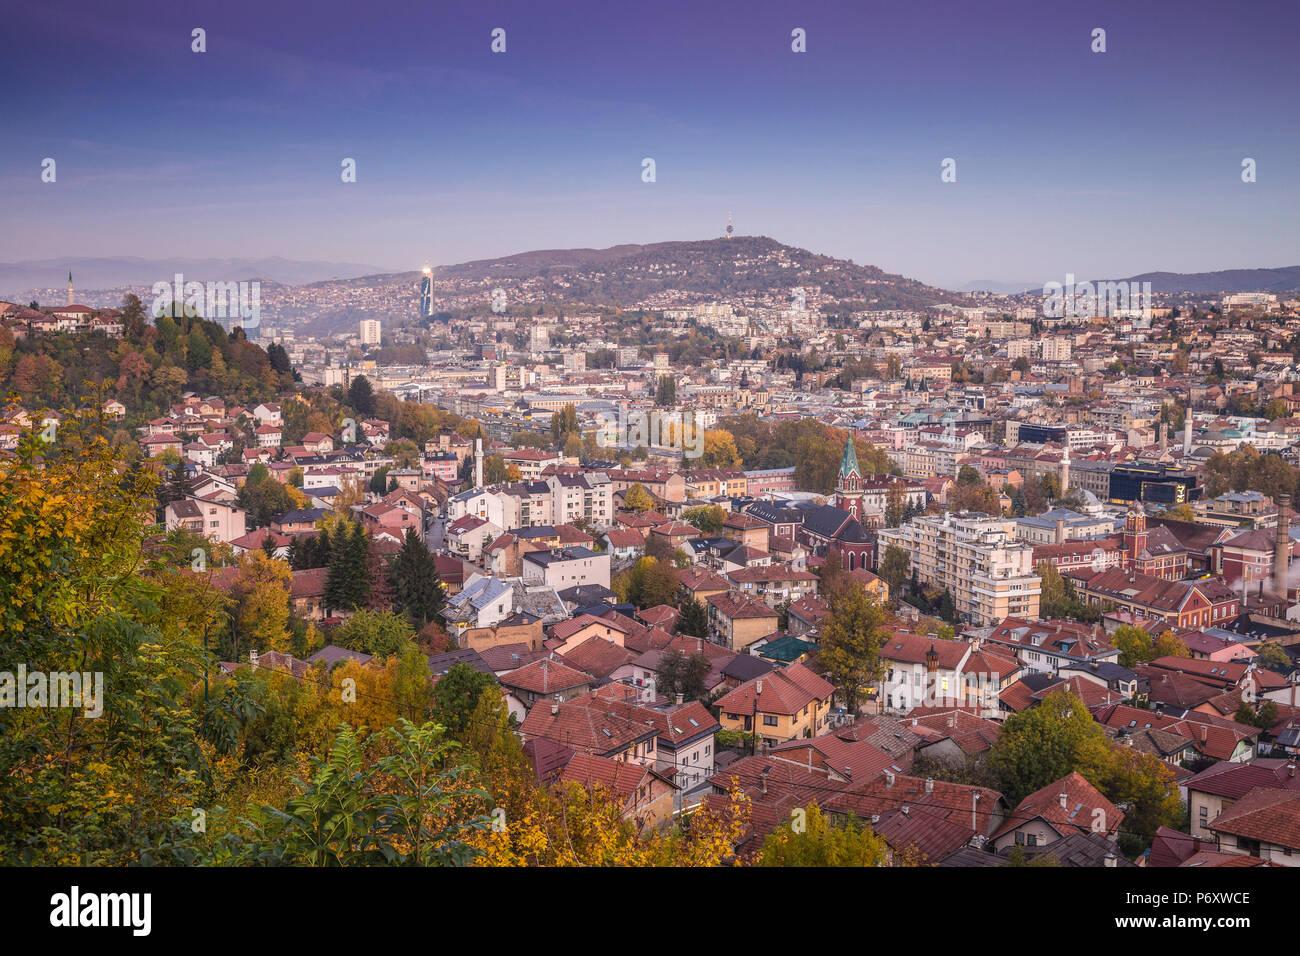 Bosnia and Herzegovina, Sarajevo, View of City - Stock Image